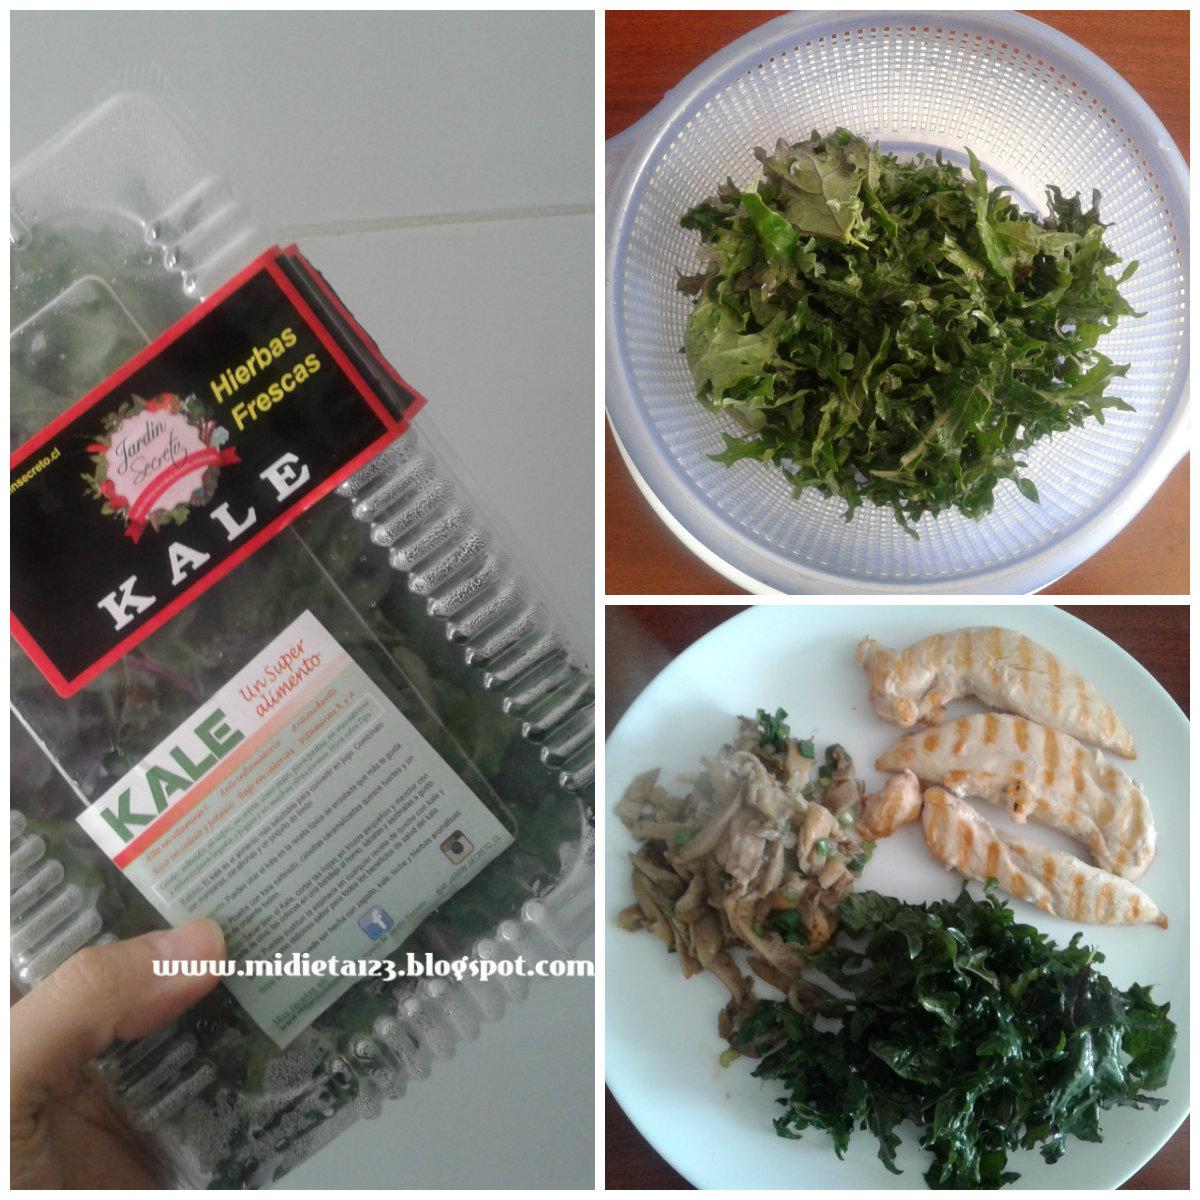 Empiezo Dieta: BENEFICIOS DEL KALE